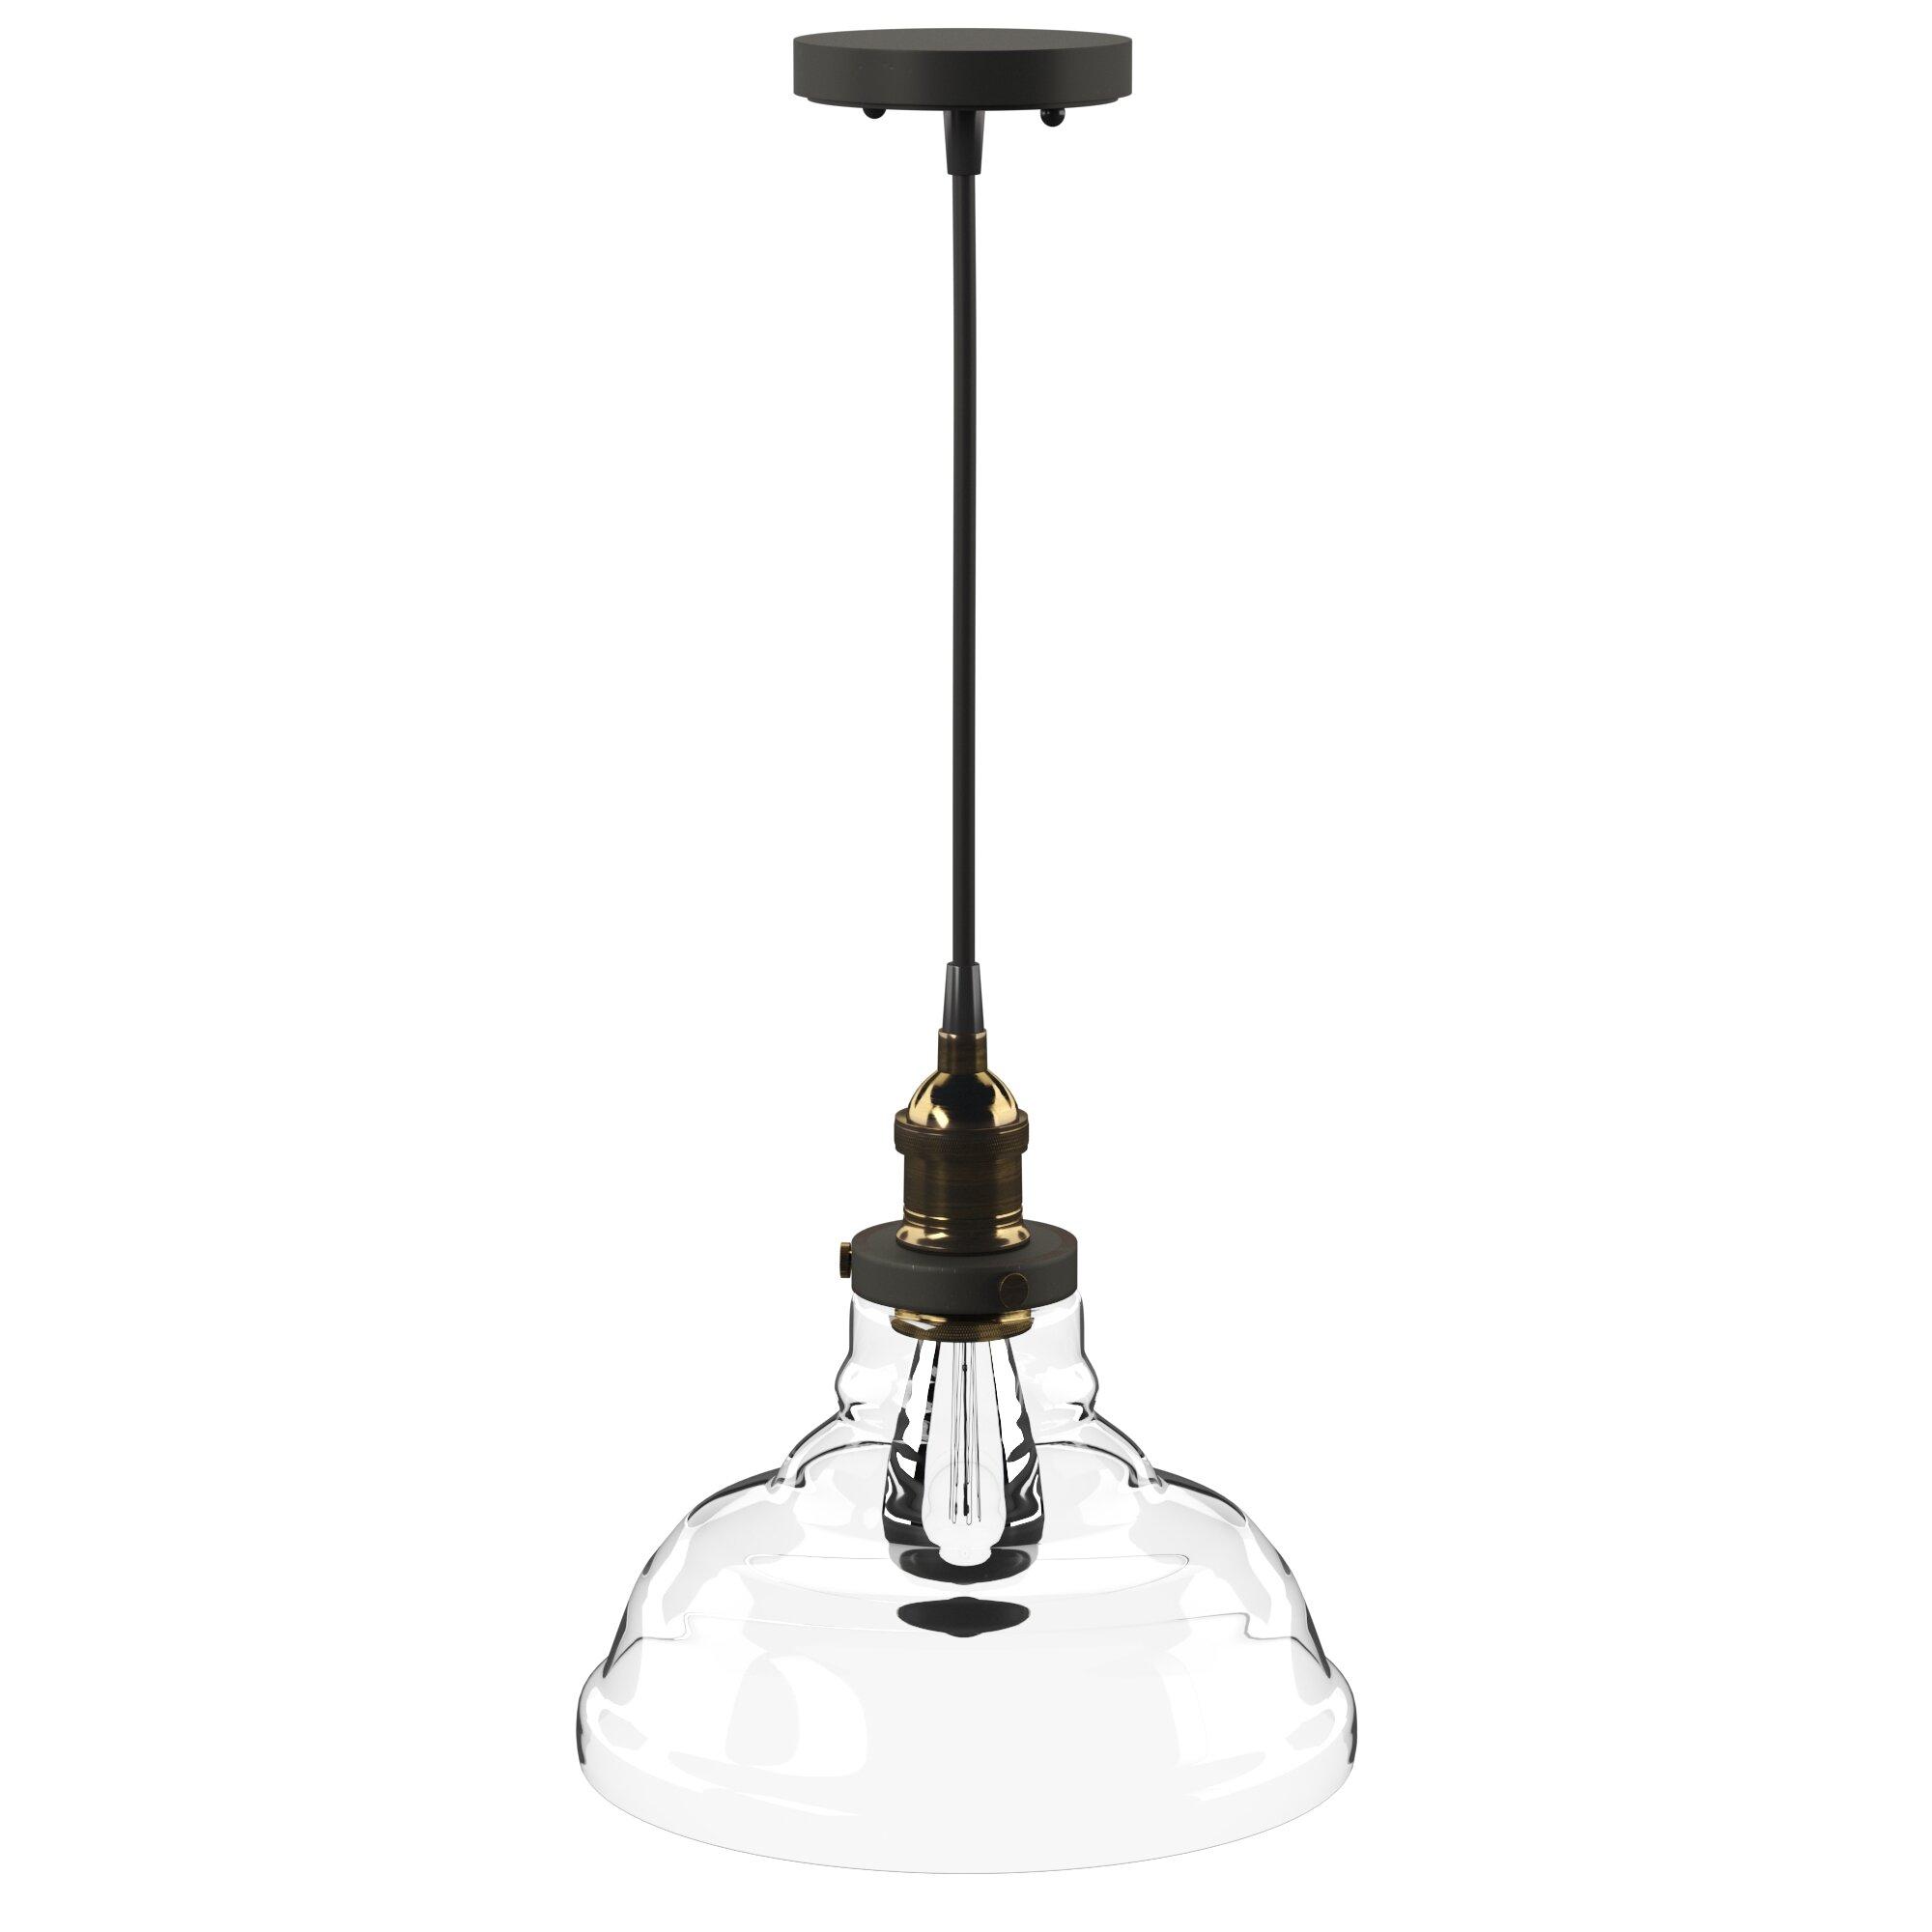 Akakios 1 Light Single Bell Pendant In 1 Light Single Bell Pendants (View 3 of 30)